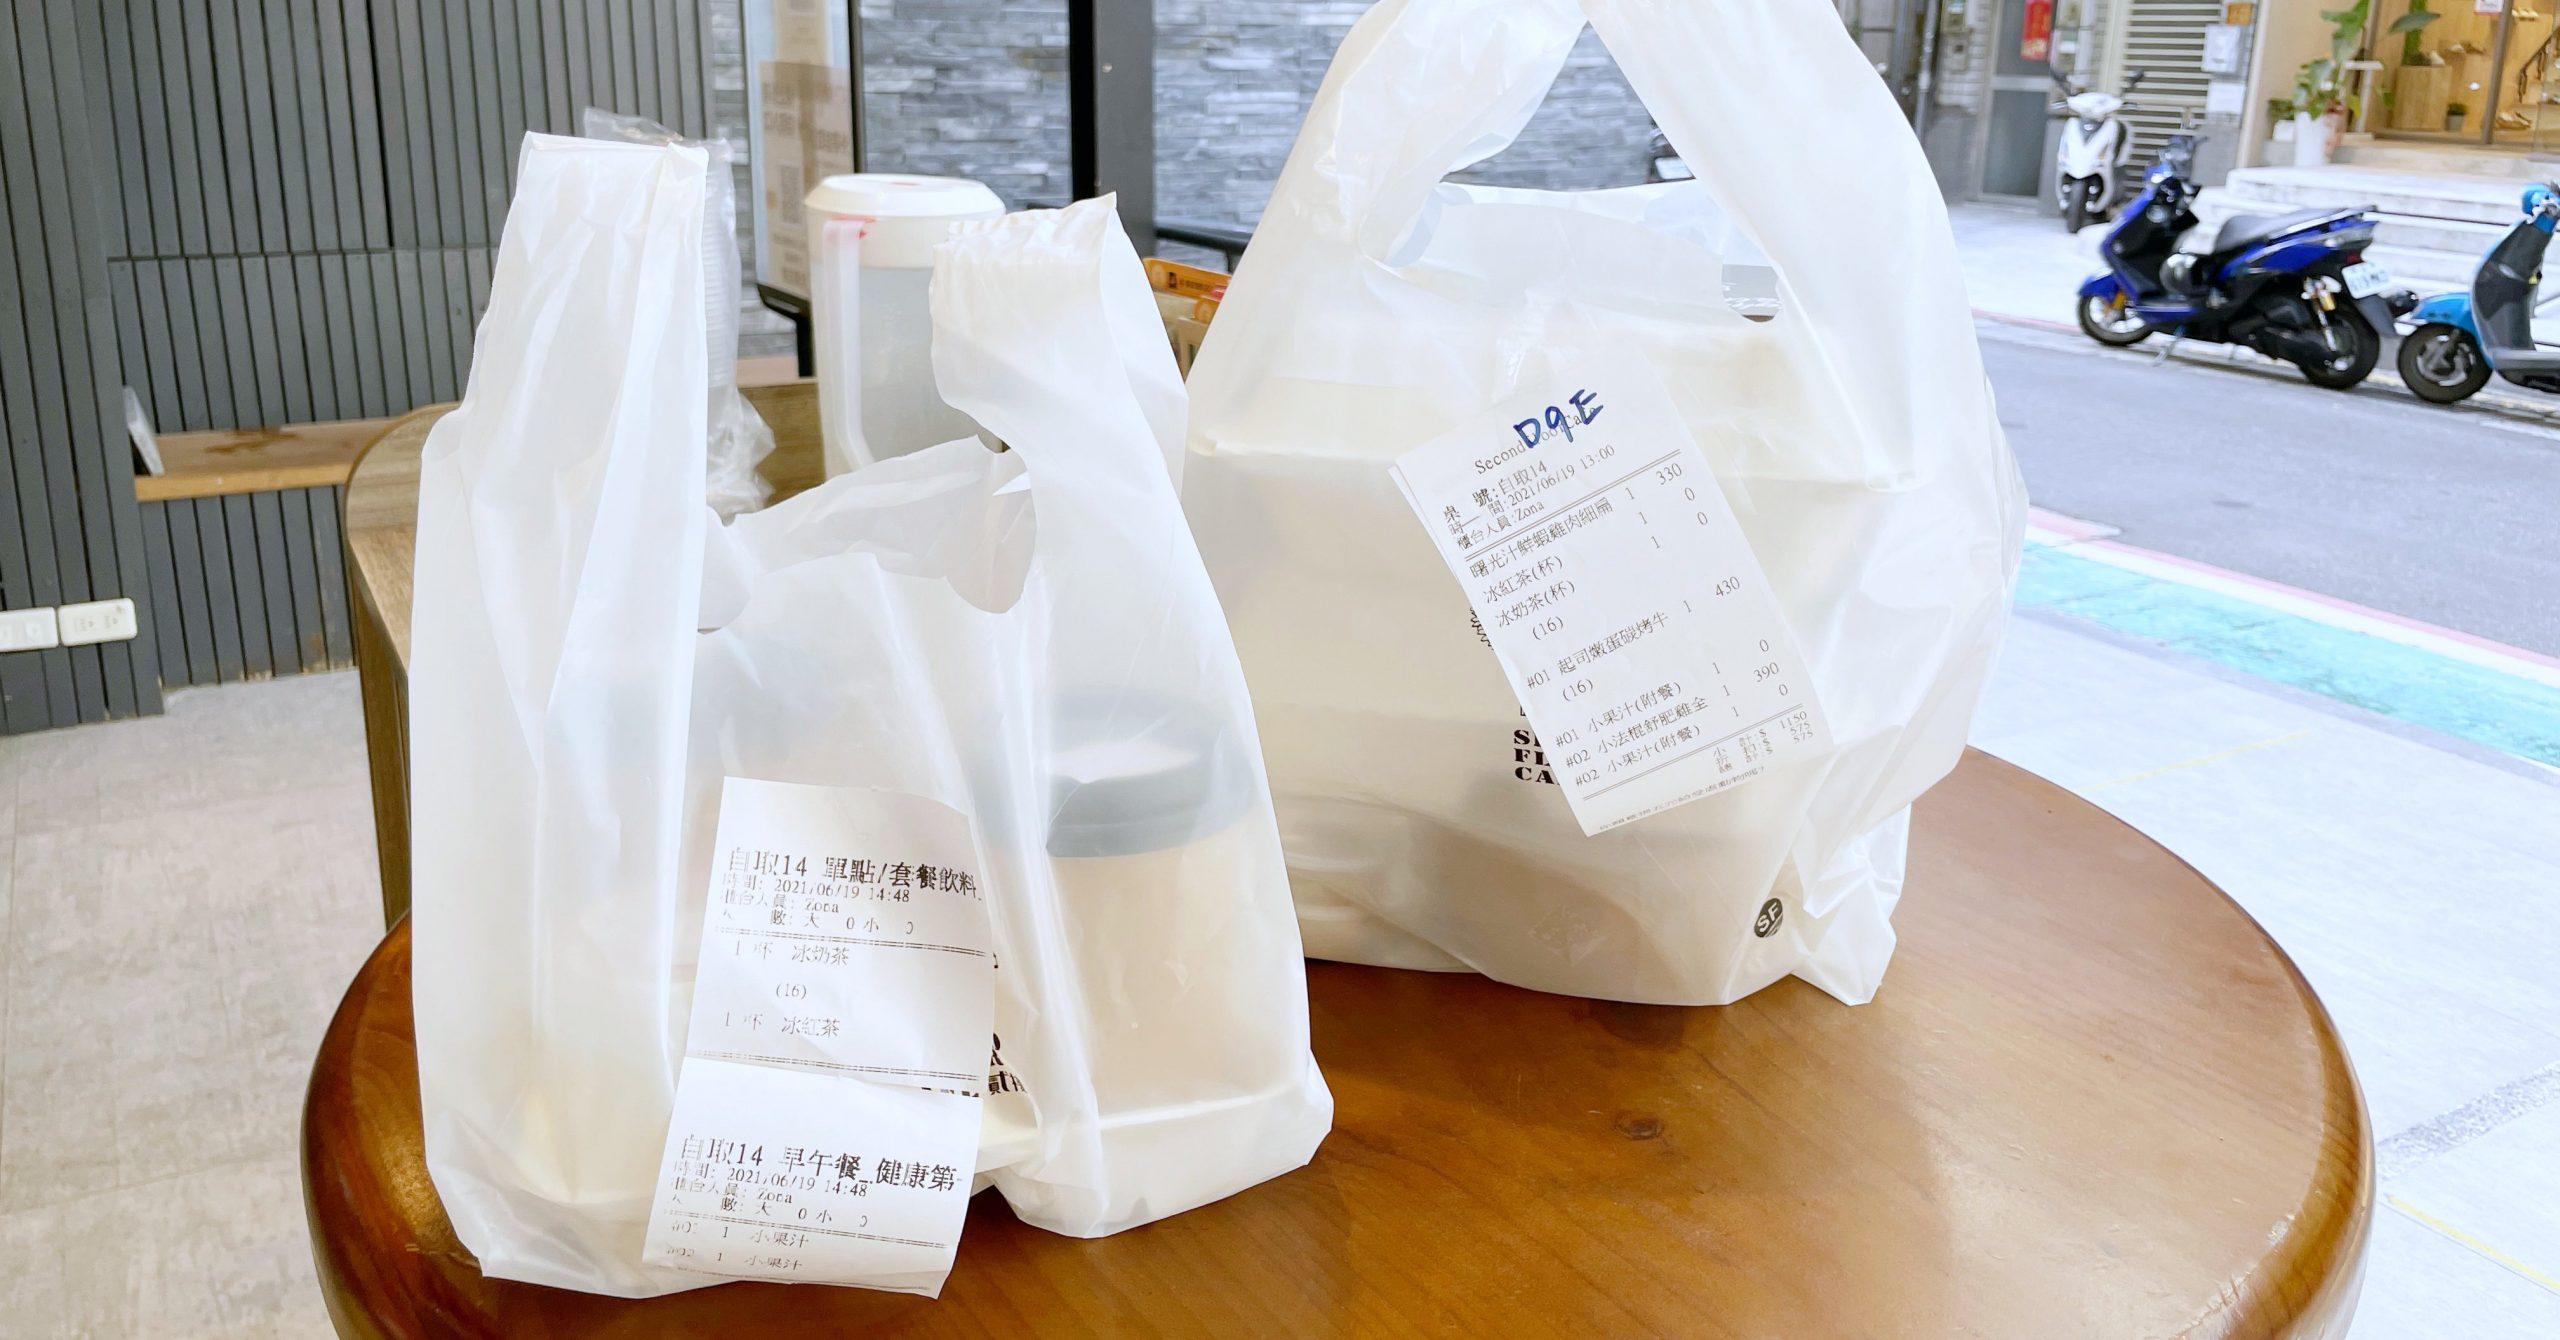 今日熱門文章:【中山美食】貳樓餐廳,恢復防疫二級前外帶自取全面5折